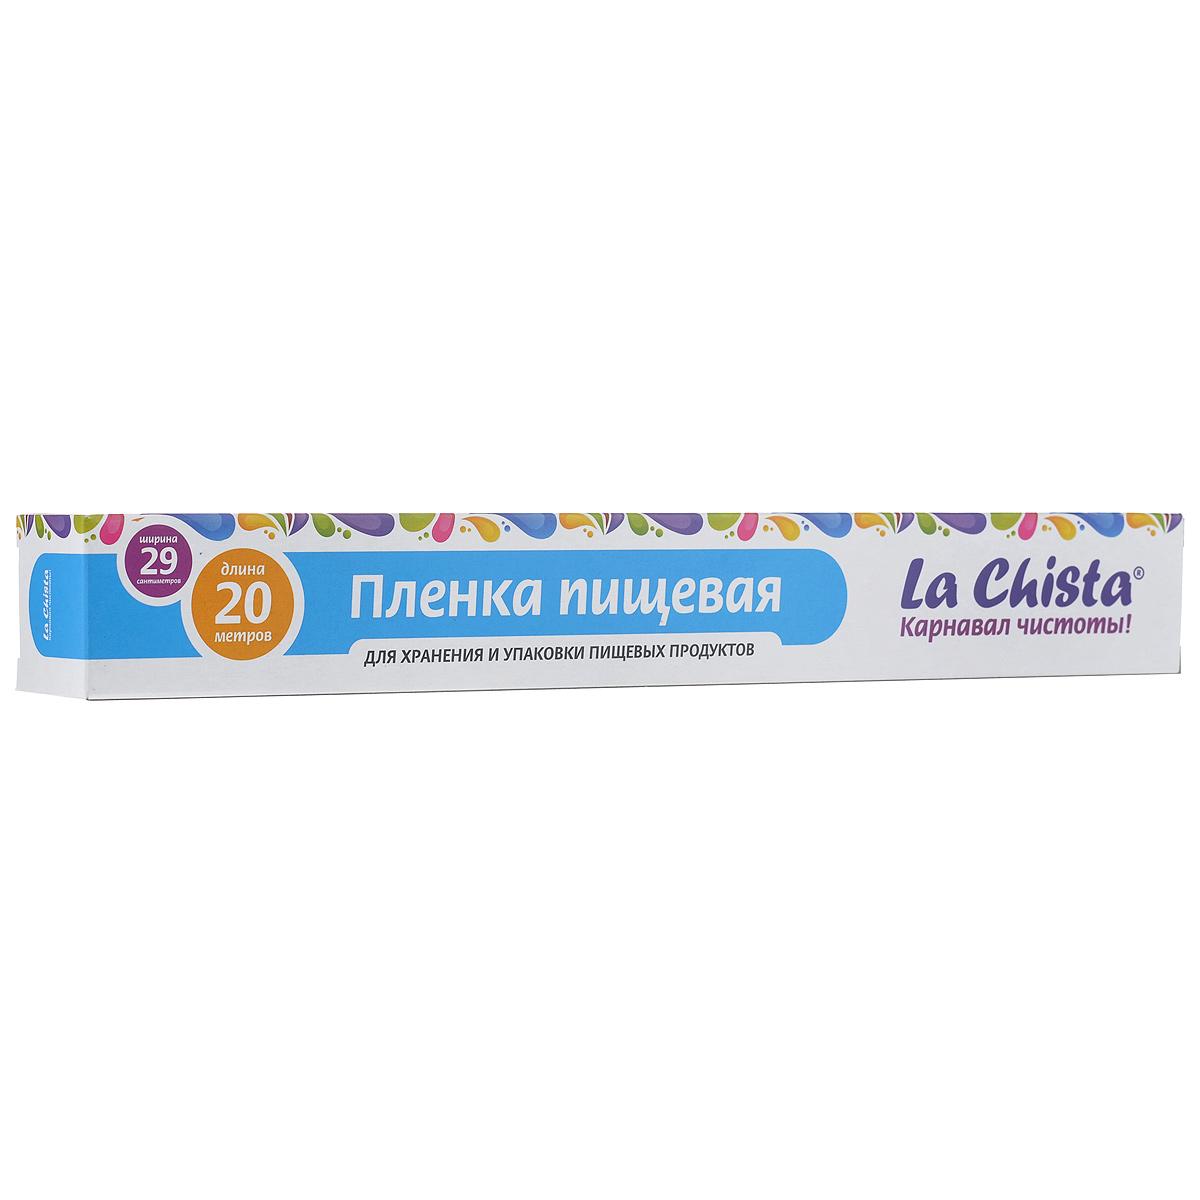 """Экологически чистая пленка """"La Chista"""" помогает сохранить свойства продуктов, предотвращает их быстрое высыхание, защищает от воздействий внешней среды и пропитывания посторонними запахами. Выполнена из полиэтилена."""